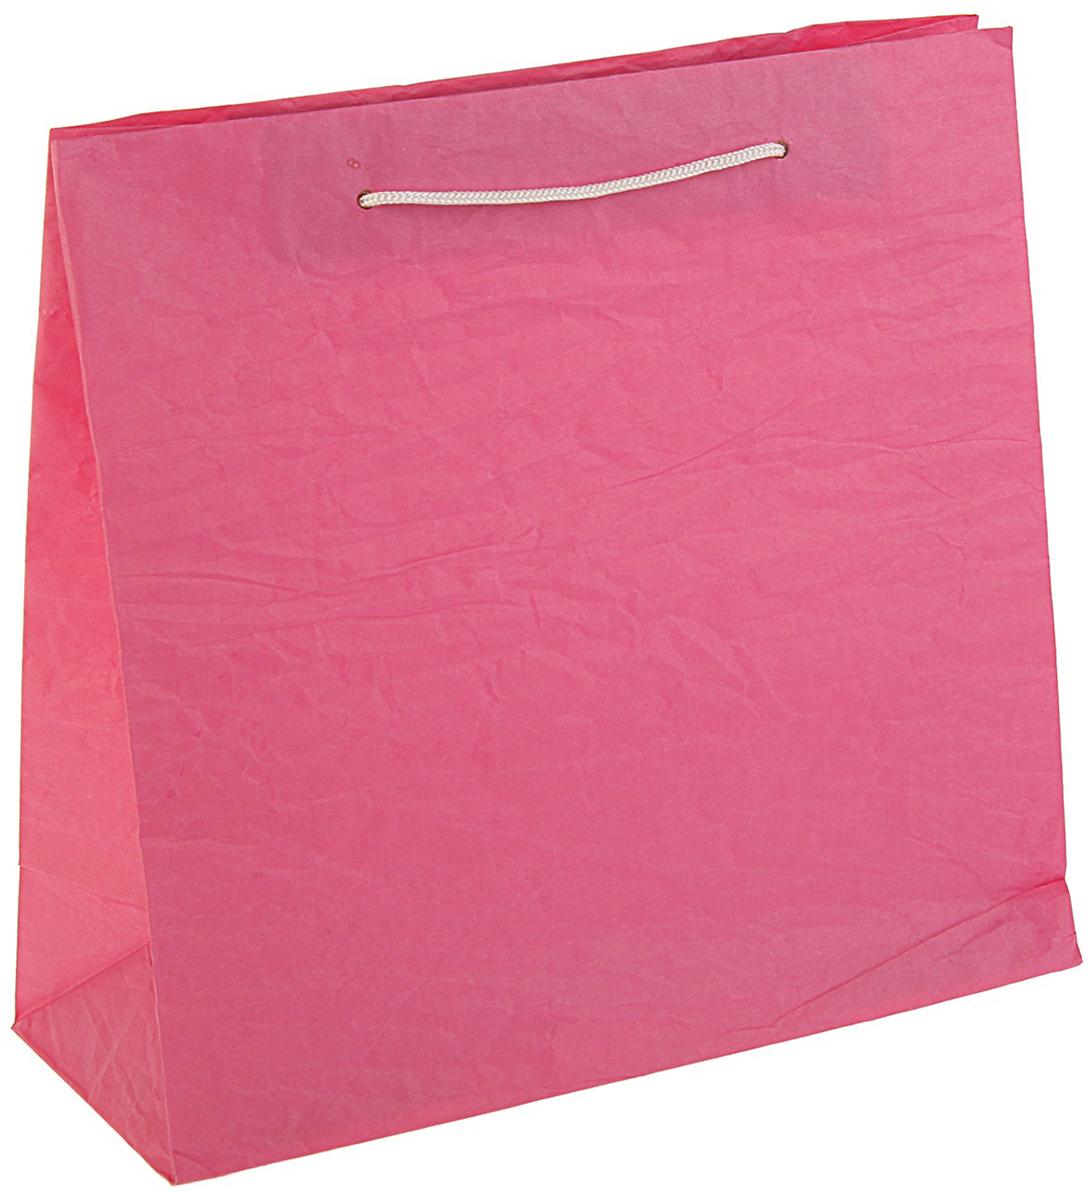 Пакет подарочный Эколюкс, цвет: розовый, 31 х 30 х 12 см. 30981833098183Любой подарок начинается с упаковки. Что может быть трогательнее и волшебнее, чем ритуал разворачивания полученного презента. И именно оригинальная, со вкусом выбранная упаковка выделит ваш подарок из массы других. Она продемонстрирует самые теплые чувства к виновнику торжества и создаст сказочную атмосферу праздника - это то, что вы искали.